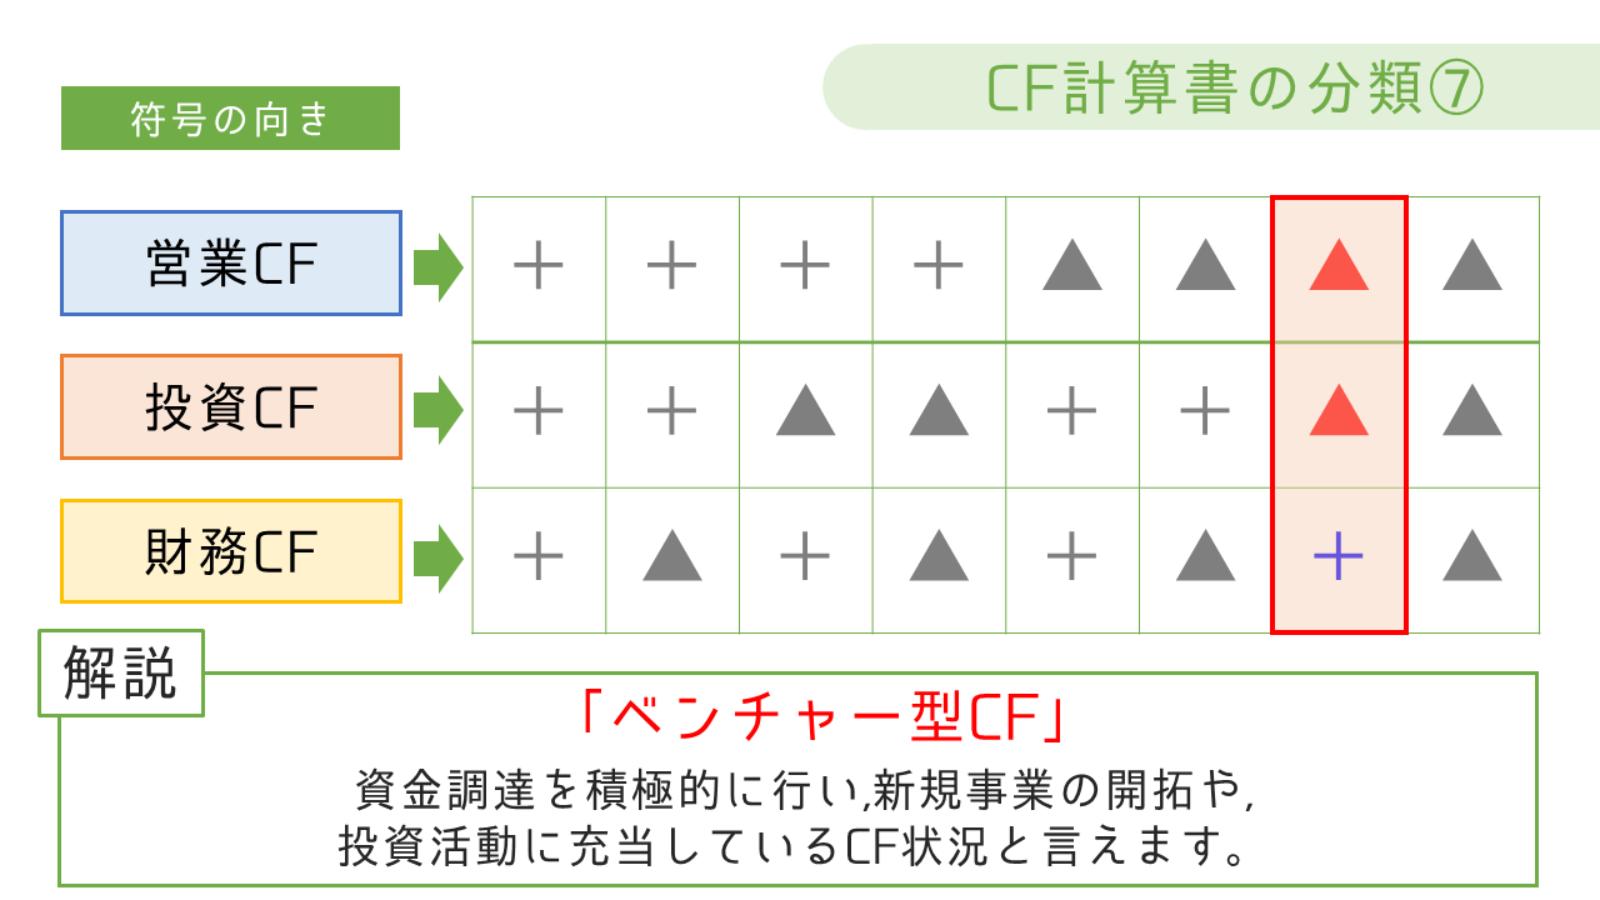 ベンチャー型CF